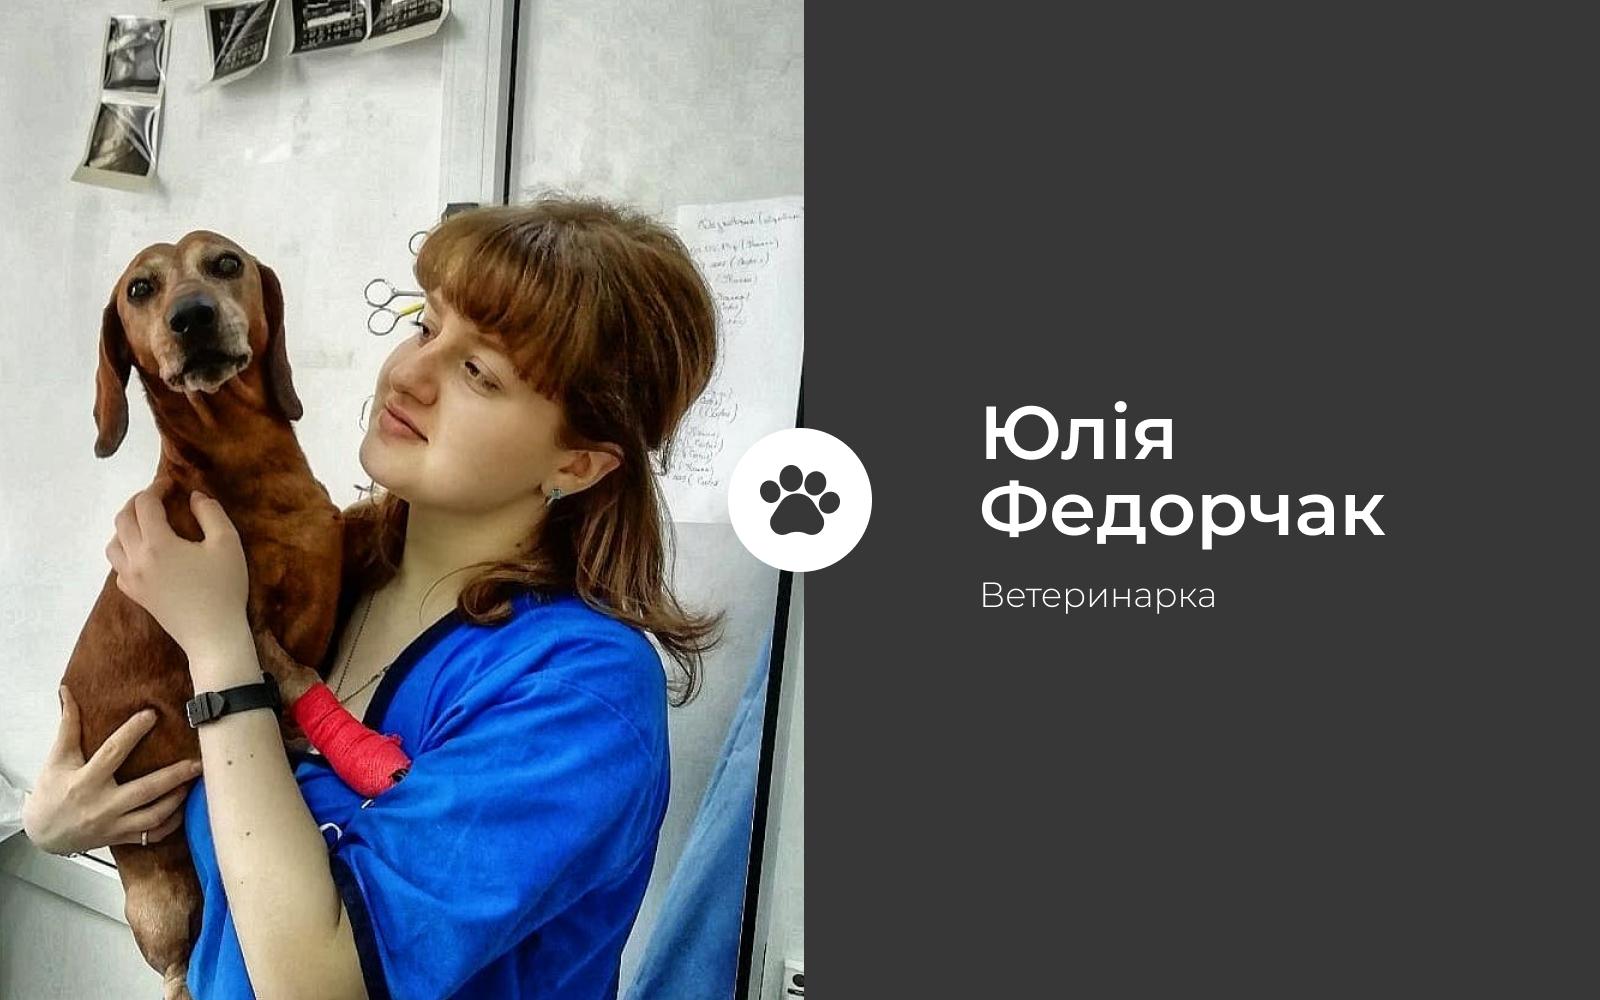 Yuliya Fedorchak 5